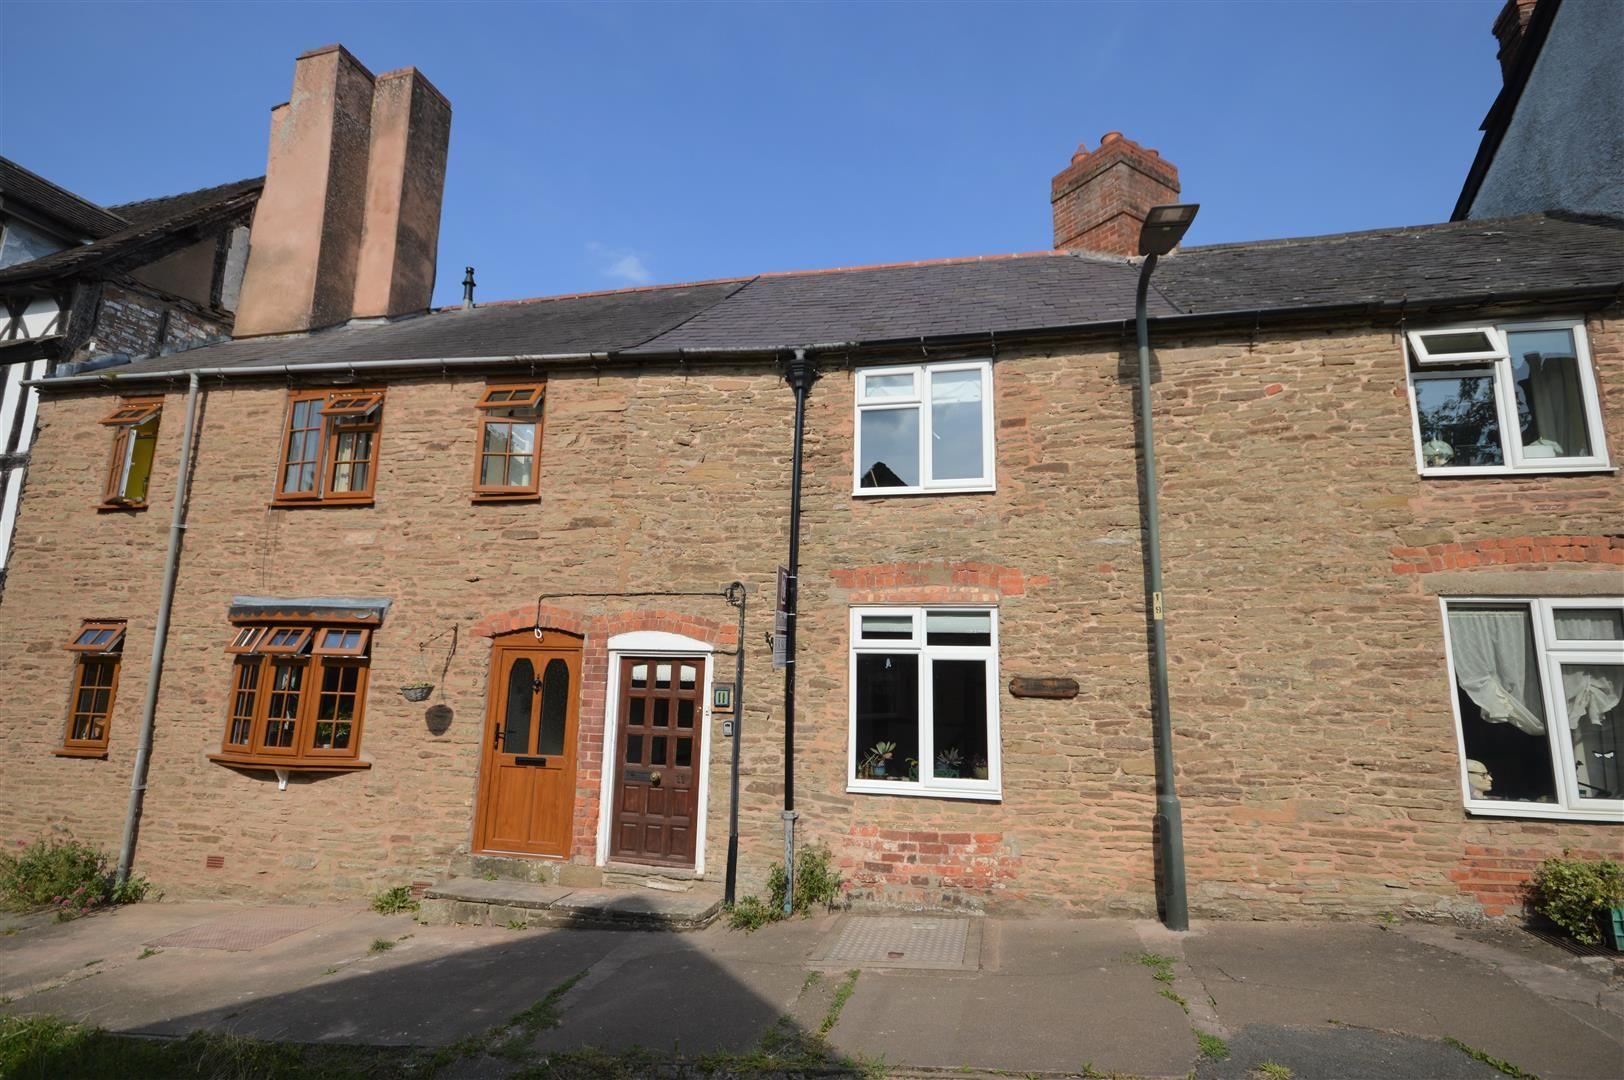 2 bed cottage for sale in Bromyard, HR7